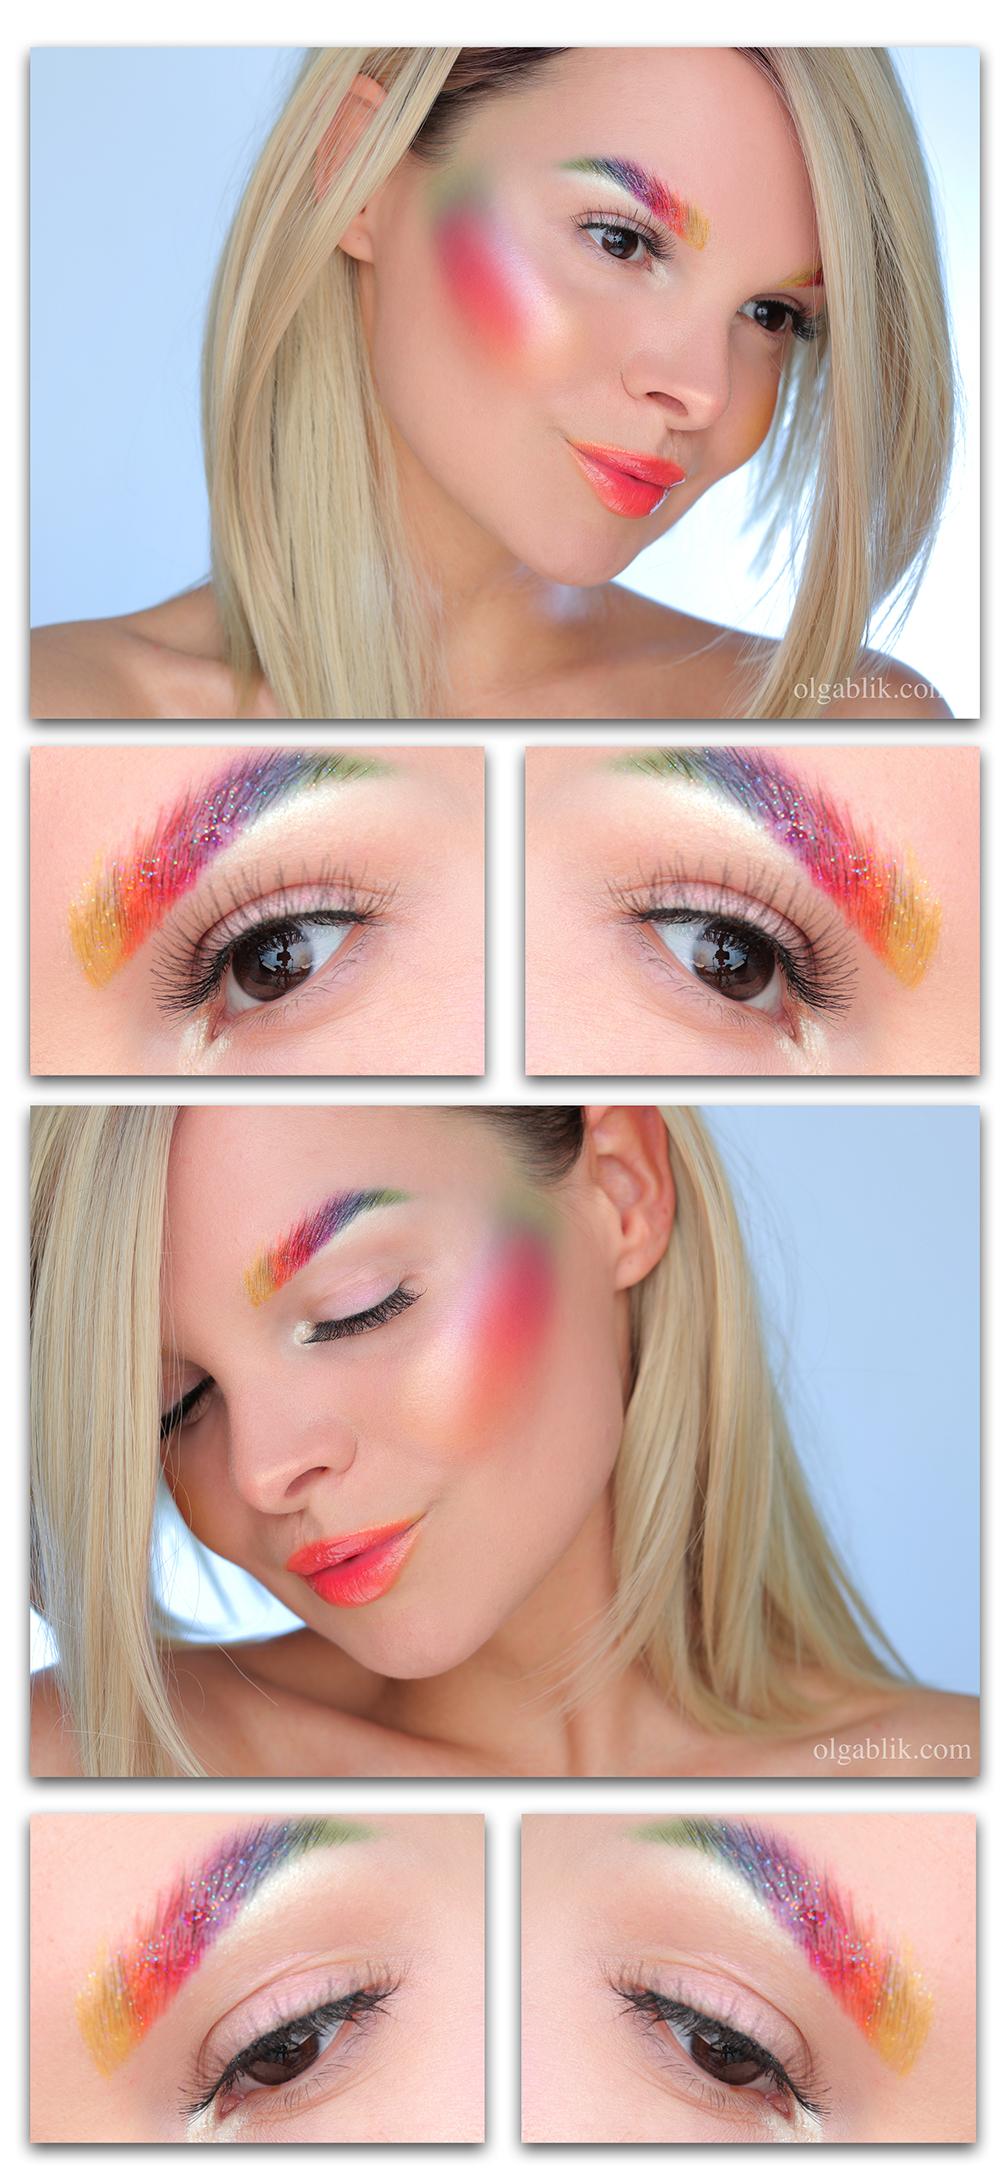 Креативный макияж пошагово, креативный макияж